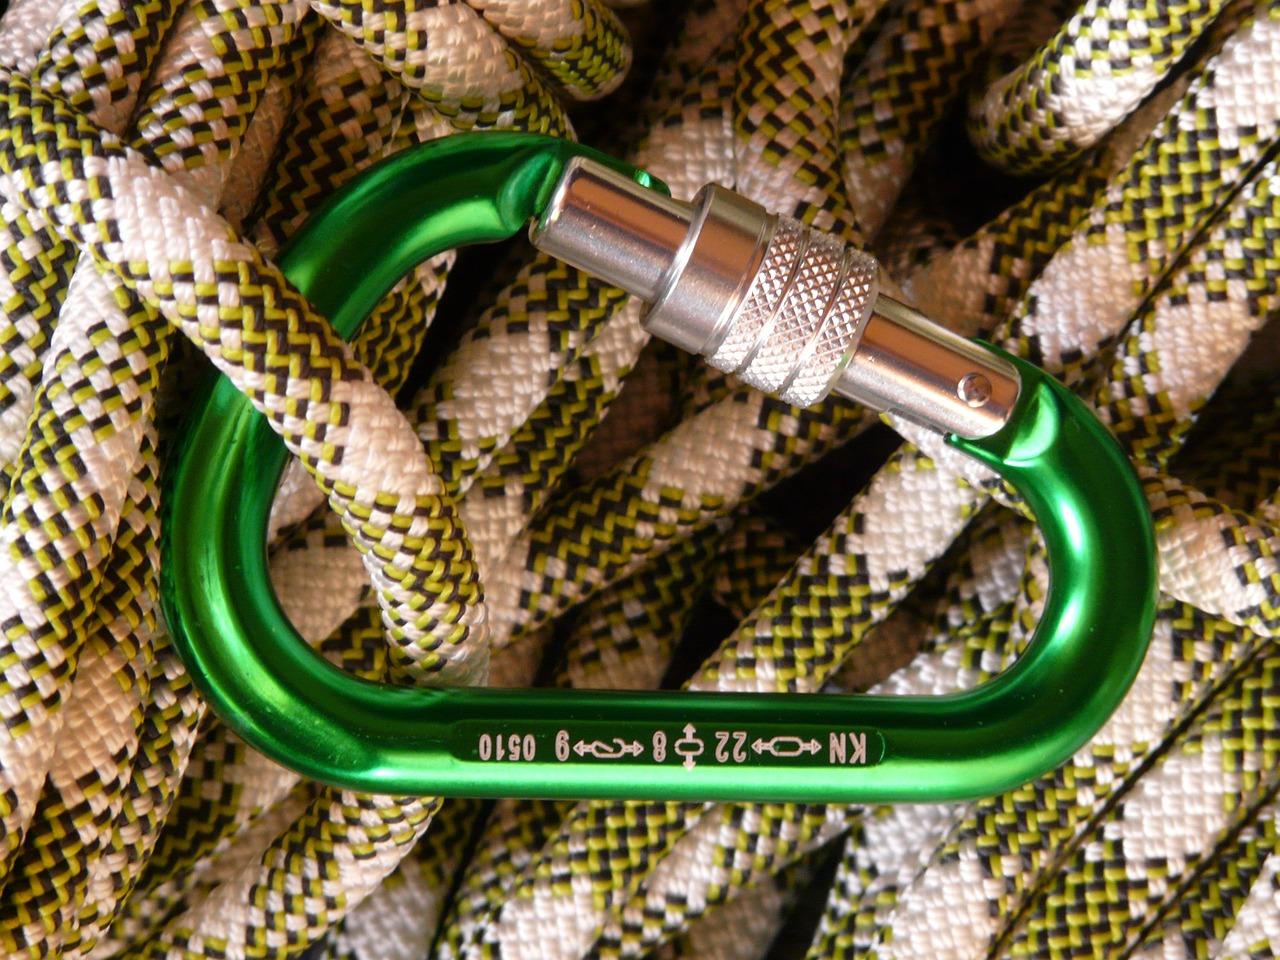 Karabiner welche zum klettern geeignet sind, bestehen in der Regel aus Metall.